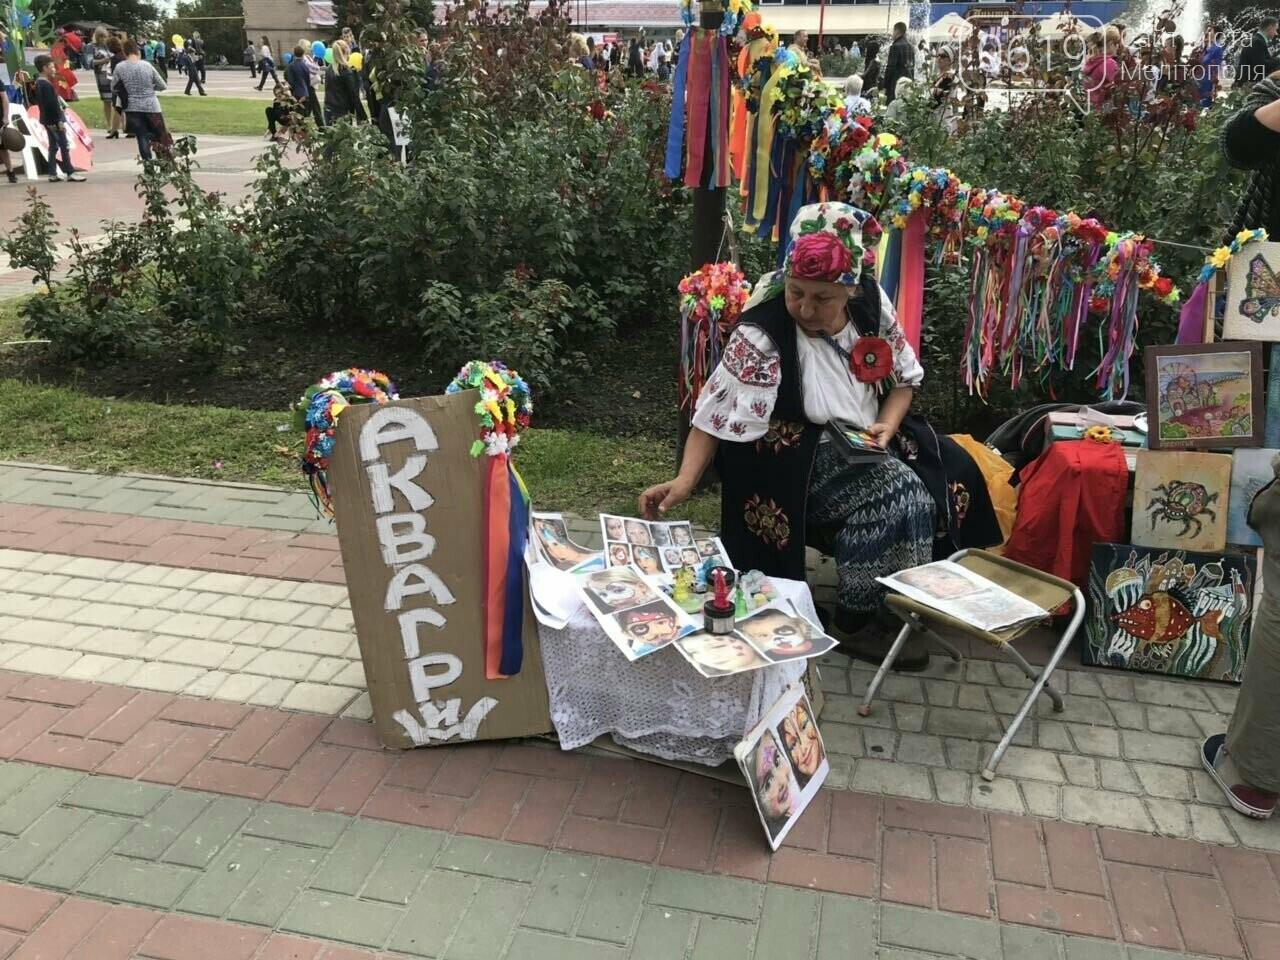 Вкусные блюда, яркие костюмы, выставки-ярмарки: в Мелитополе проходит фестиваль национальных культур, фото-16